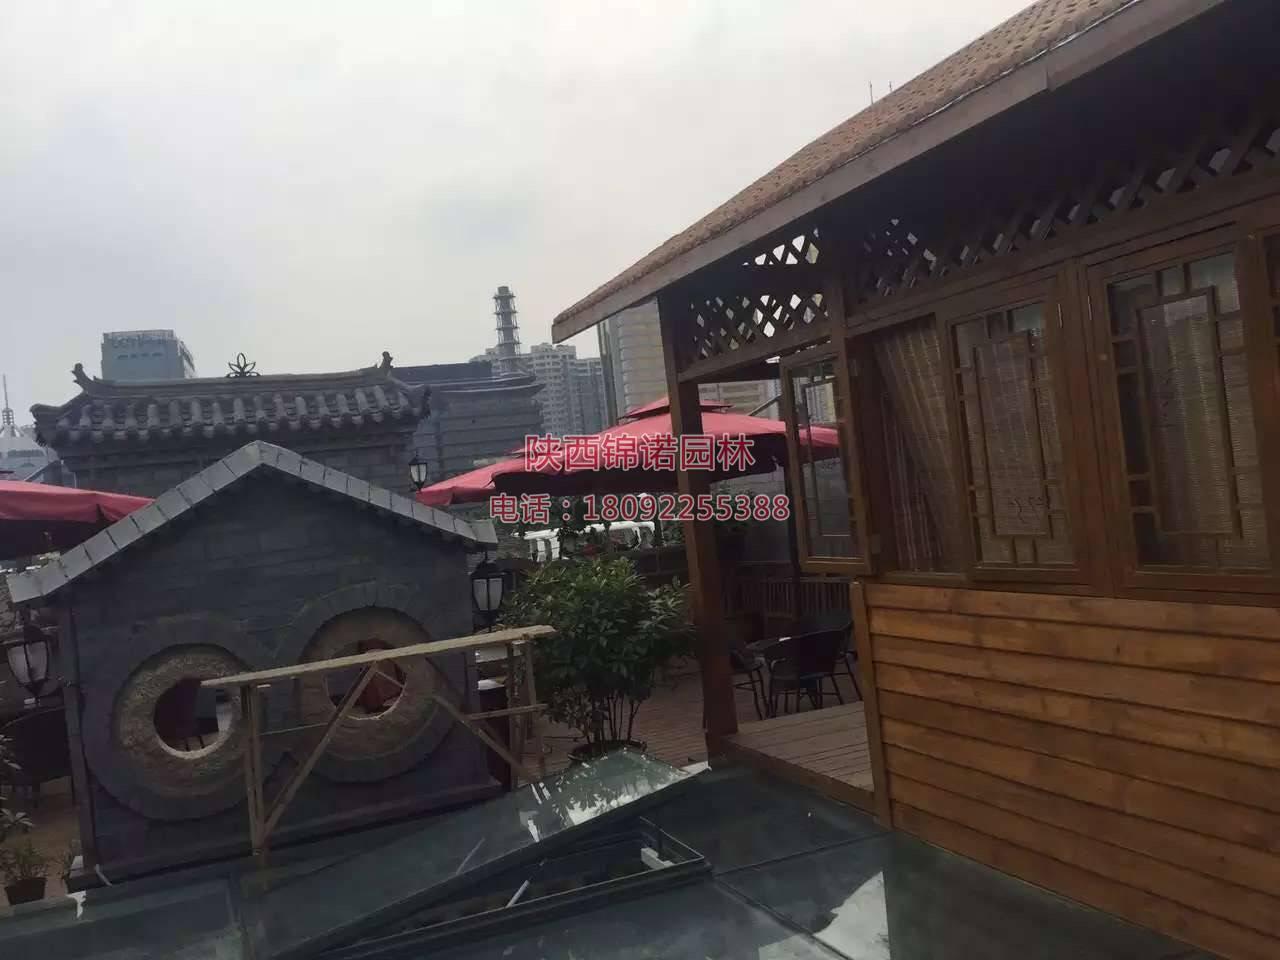 陕西锦诺园林防腐木施工案例4